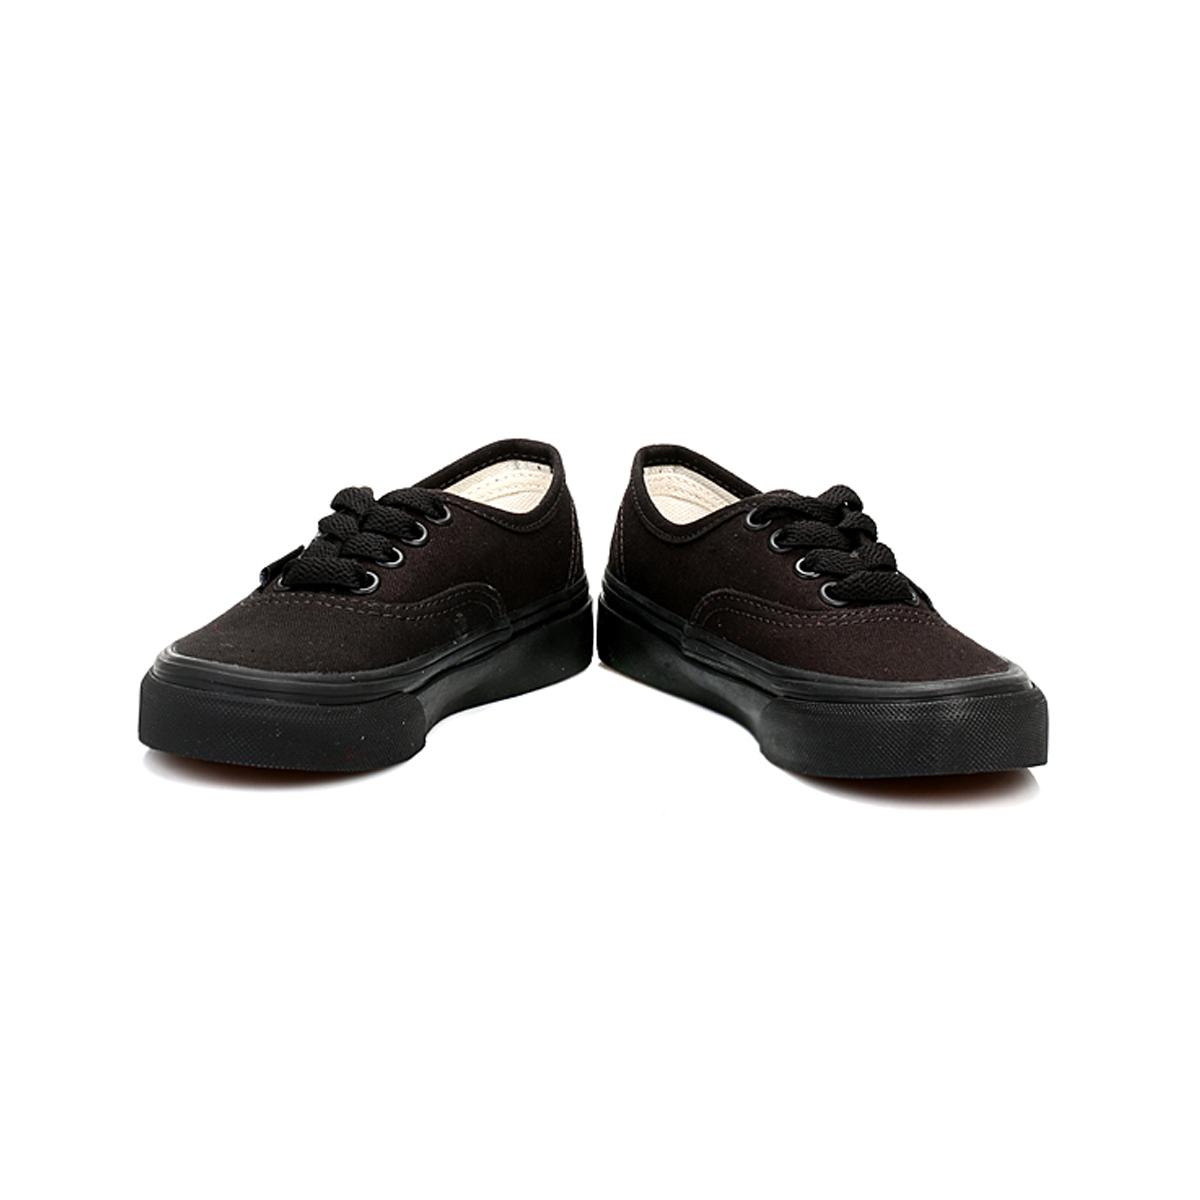 vans shoes black and white boys. vans-kids-girls-boys-trainers-black-authentic-canvas- vans shoes black and white boys e